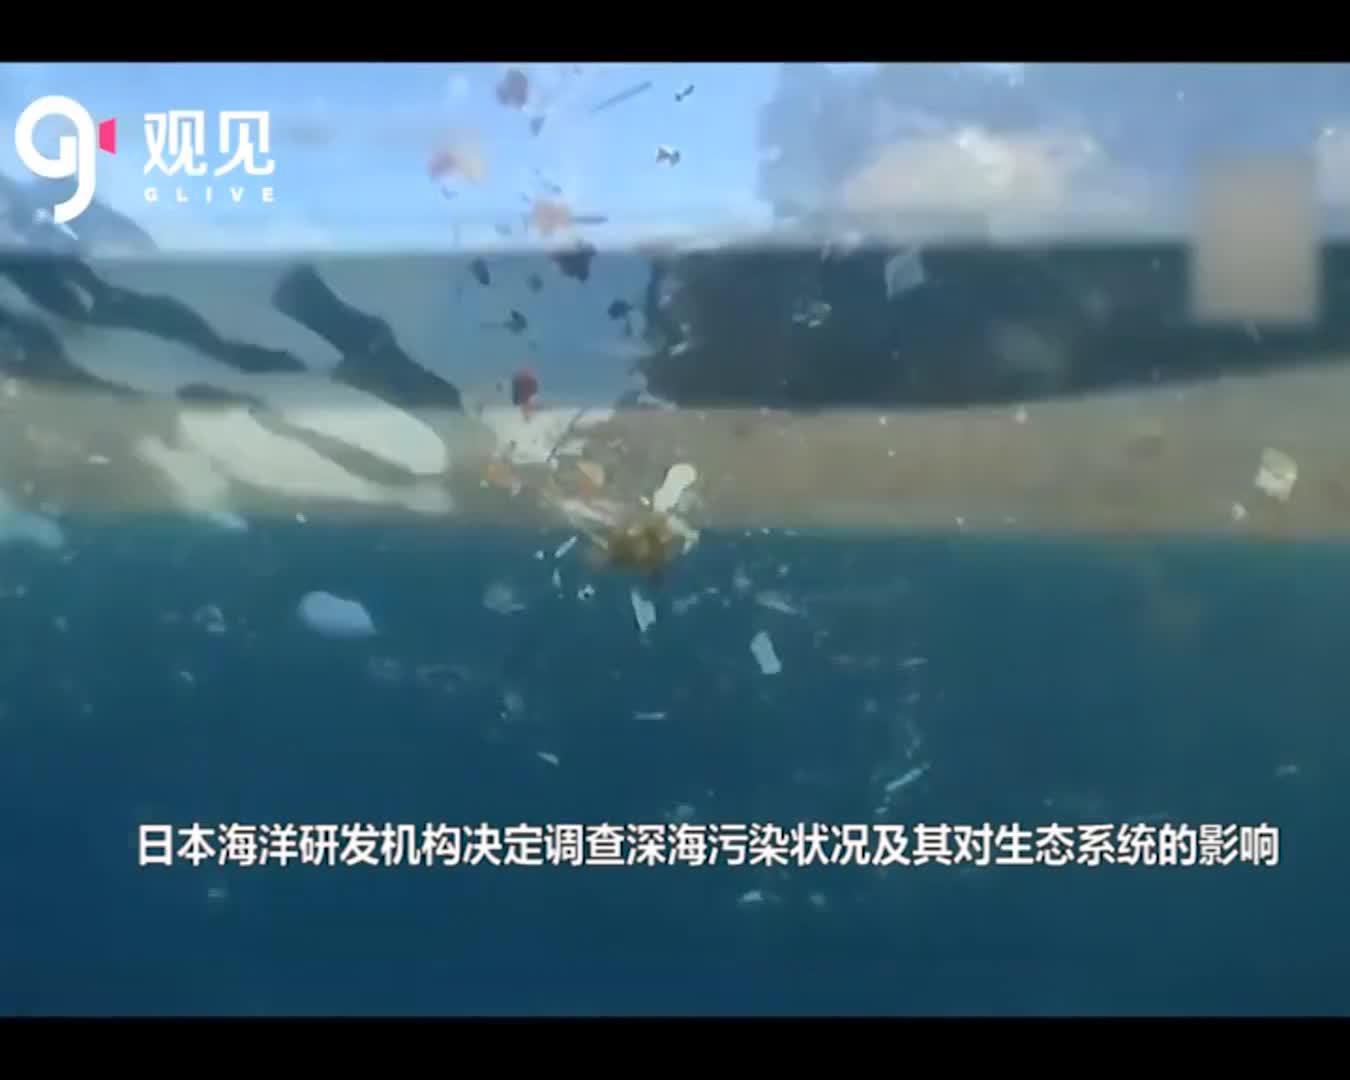 海洋污染问题严峻,日本海洋机构首次展开深海污染相关调查